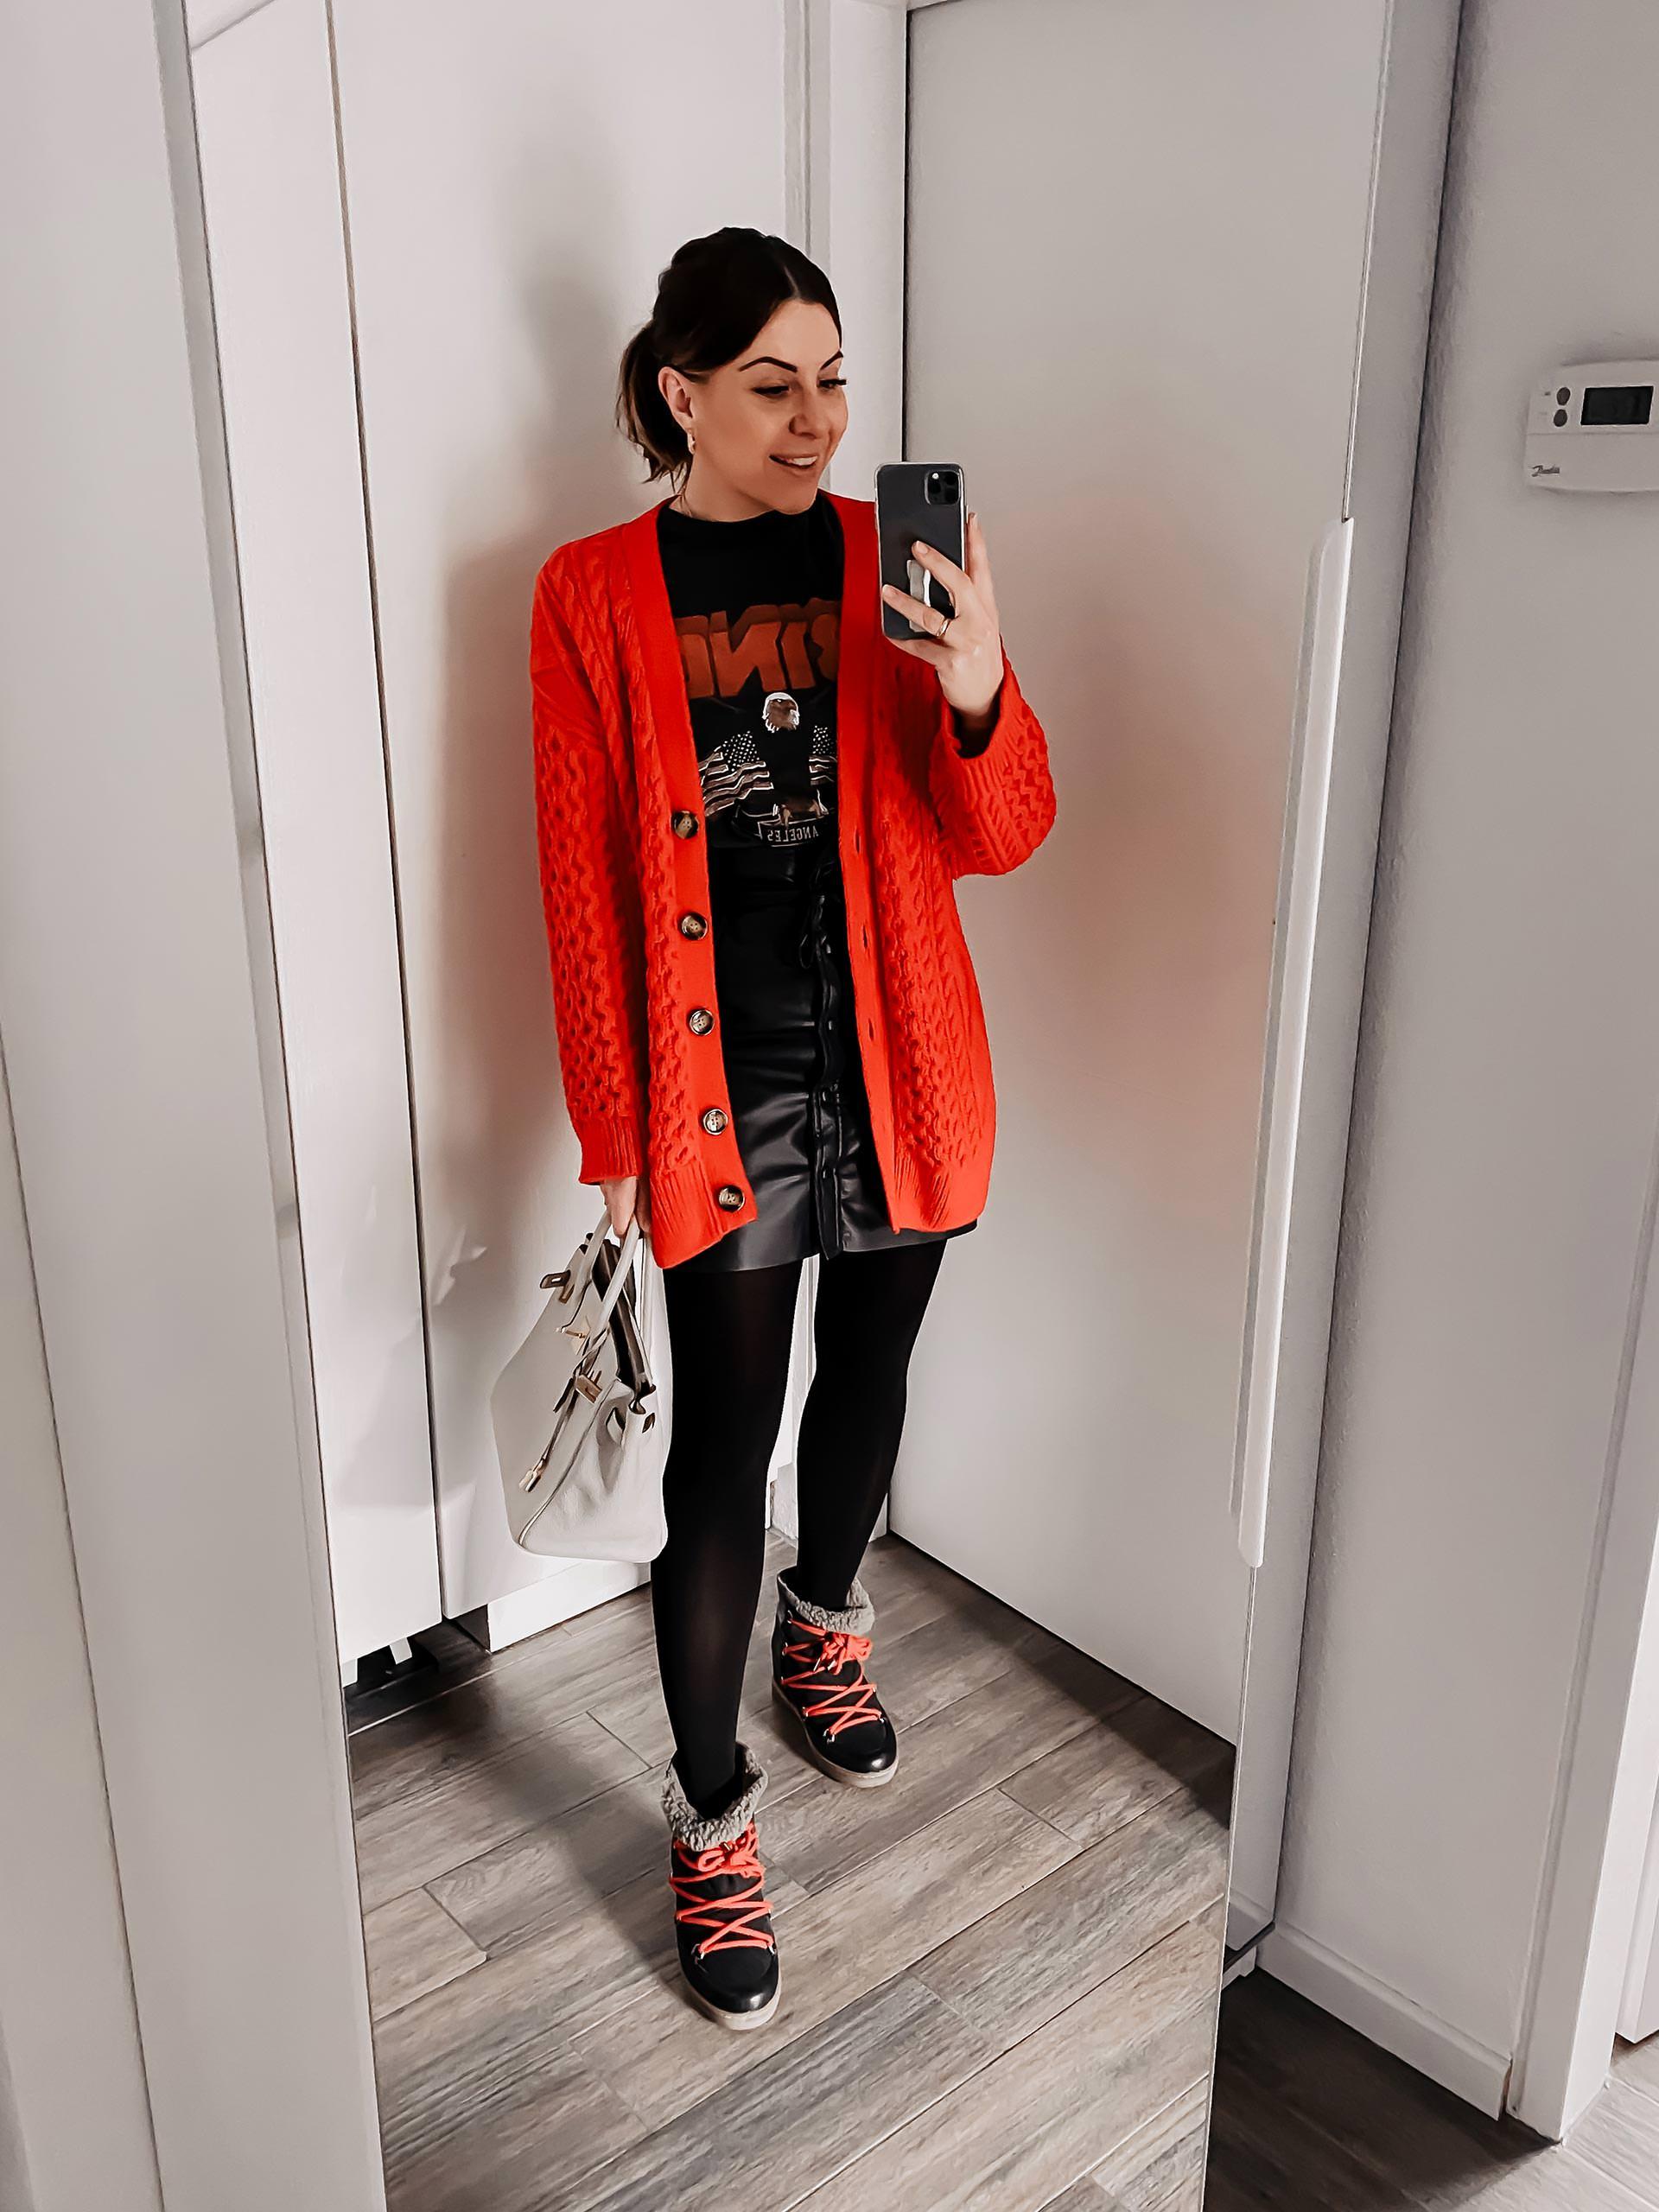 Was ziehe ich im Winter an? 5 schöne Winter-Outfits für jeden Tag findest du jetzt auf dem Modeblog www.whoismocca.com #winteroutfits #modetrends #outfits #wintertrends